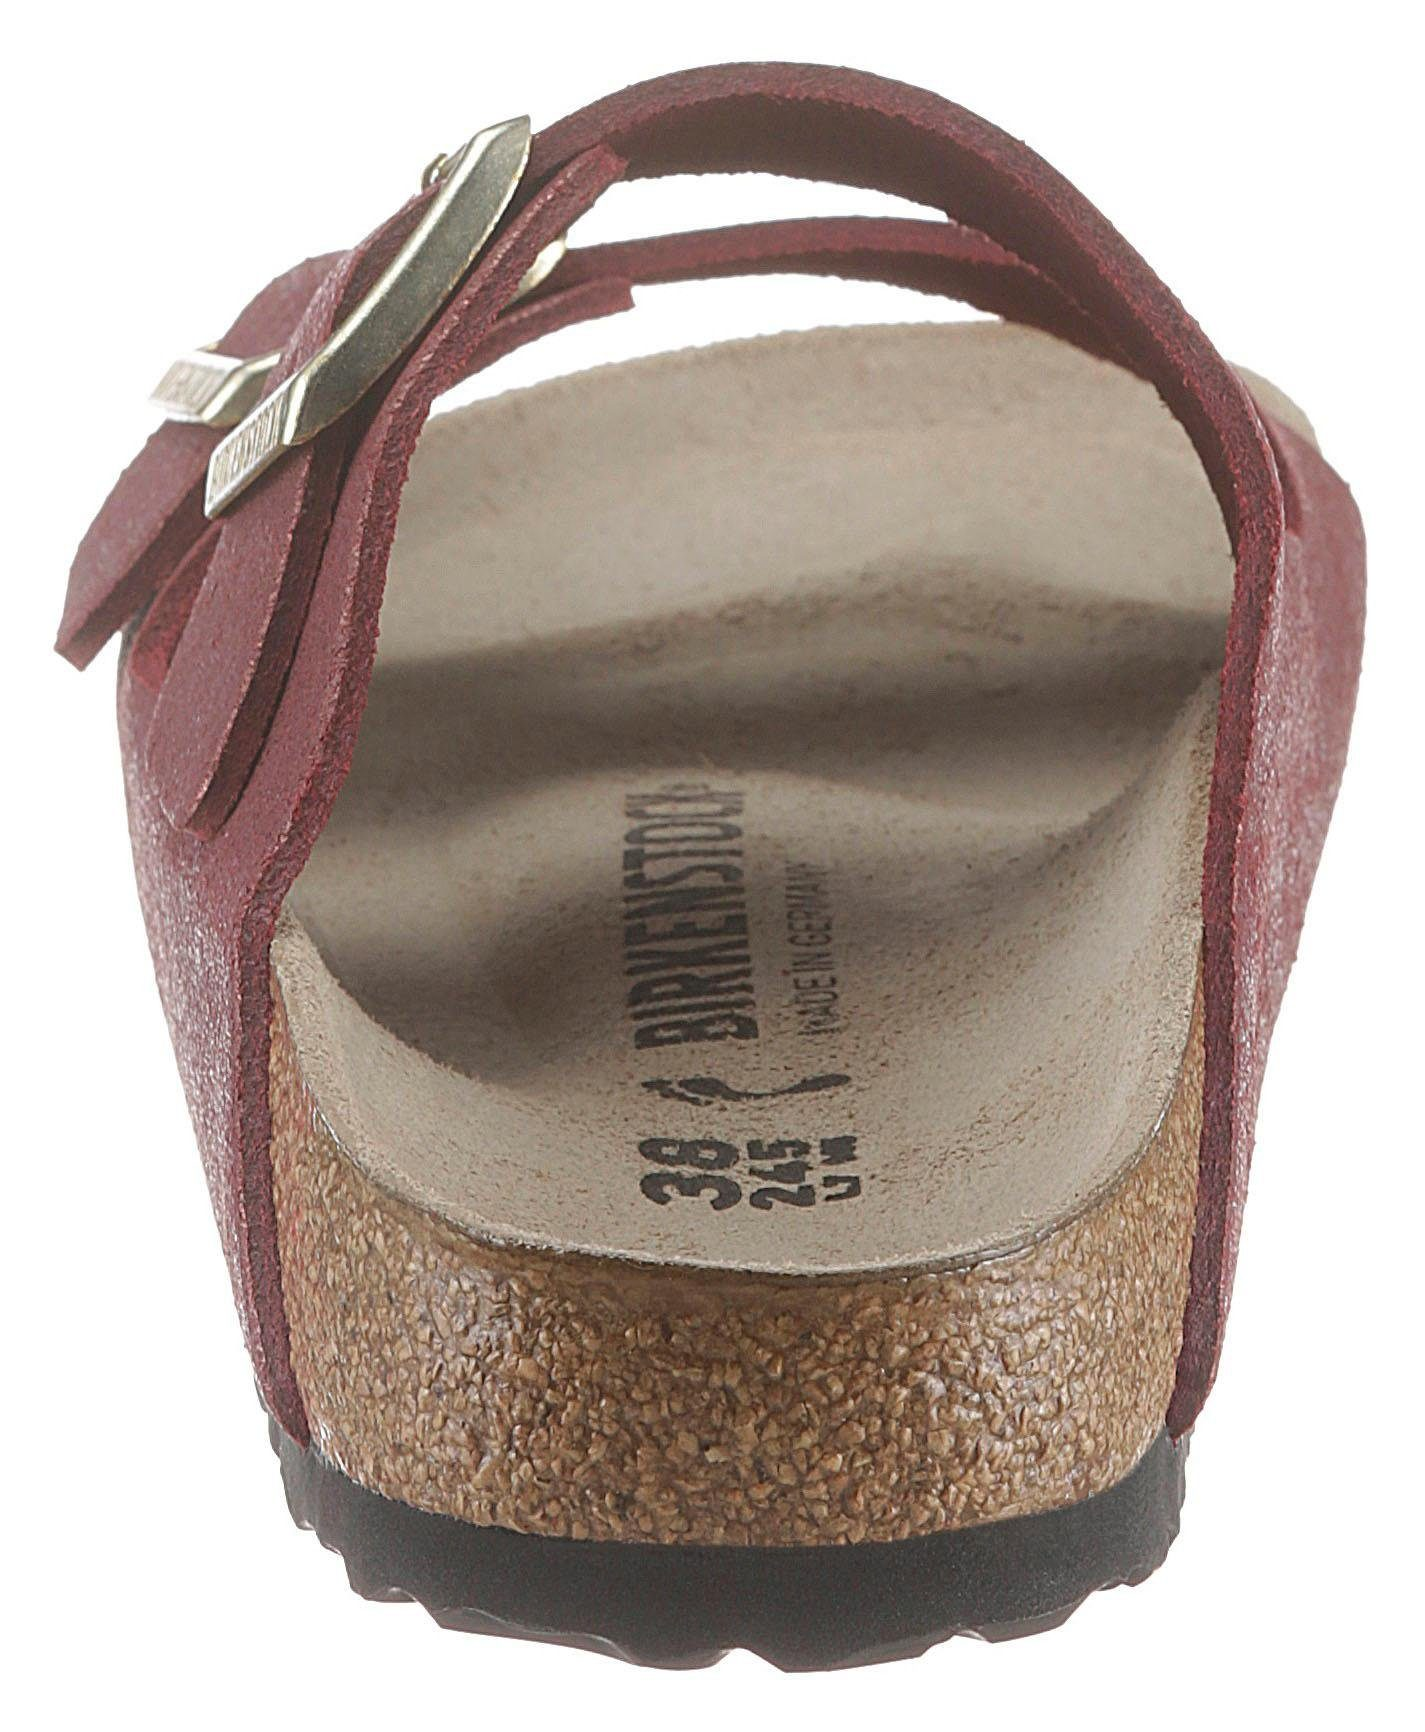 Und Metallic« Birkenstock Im »arizona Online Schuhweite Pantolette Kaufen Metallic Schmaler Washed look 8k0NXwPnO